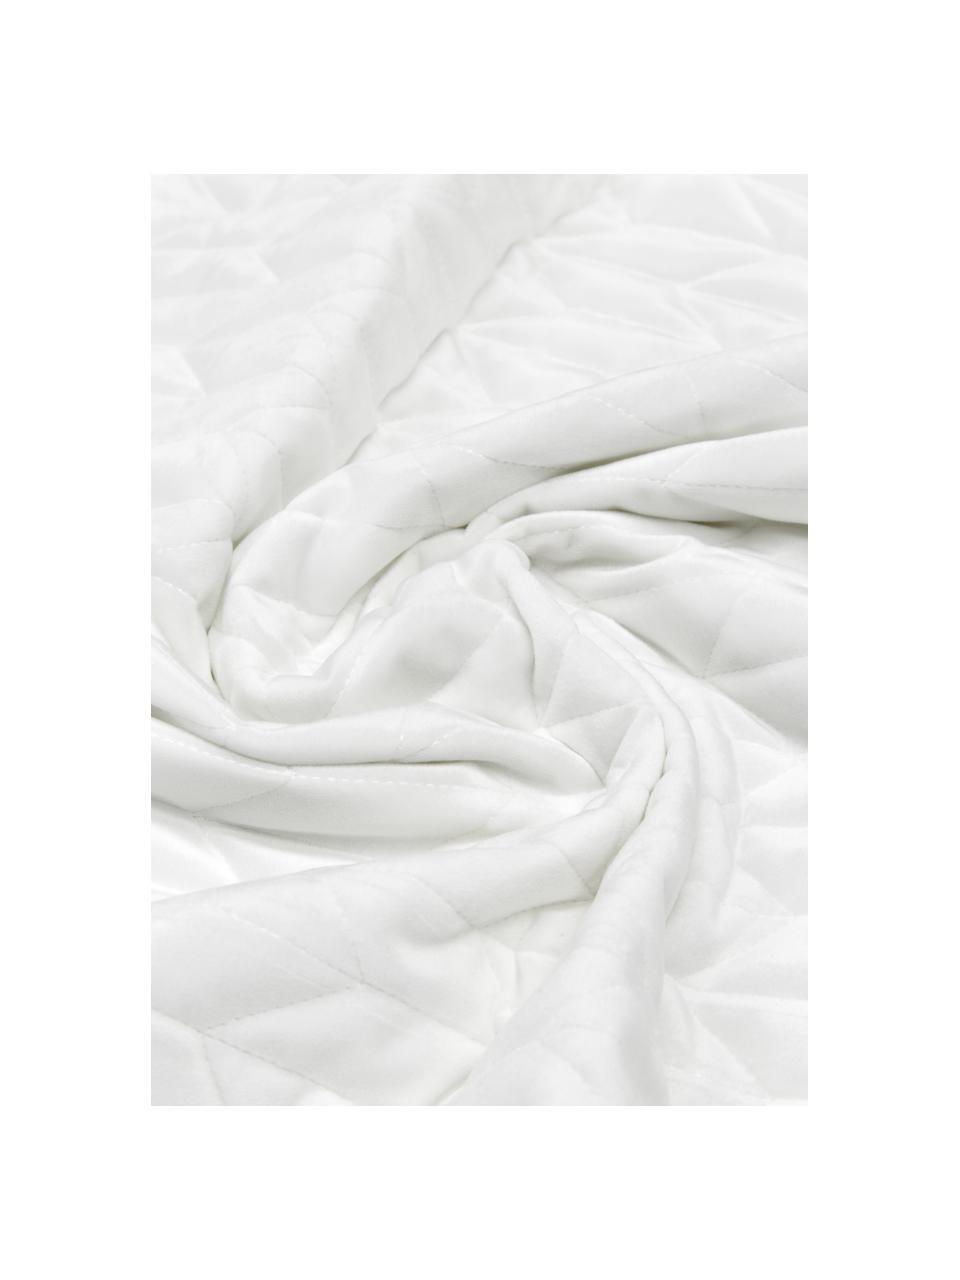 Tagesdecke Tily mit dekorativer Steppung, 100% Polyester, Weiß, B 180 x L 260 cm (für Betten bis 140 x 200)